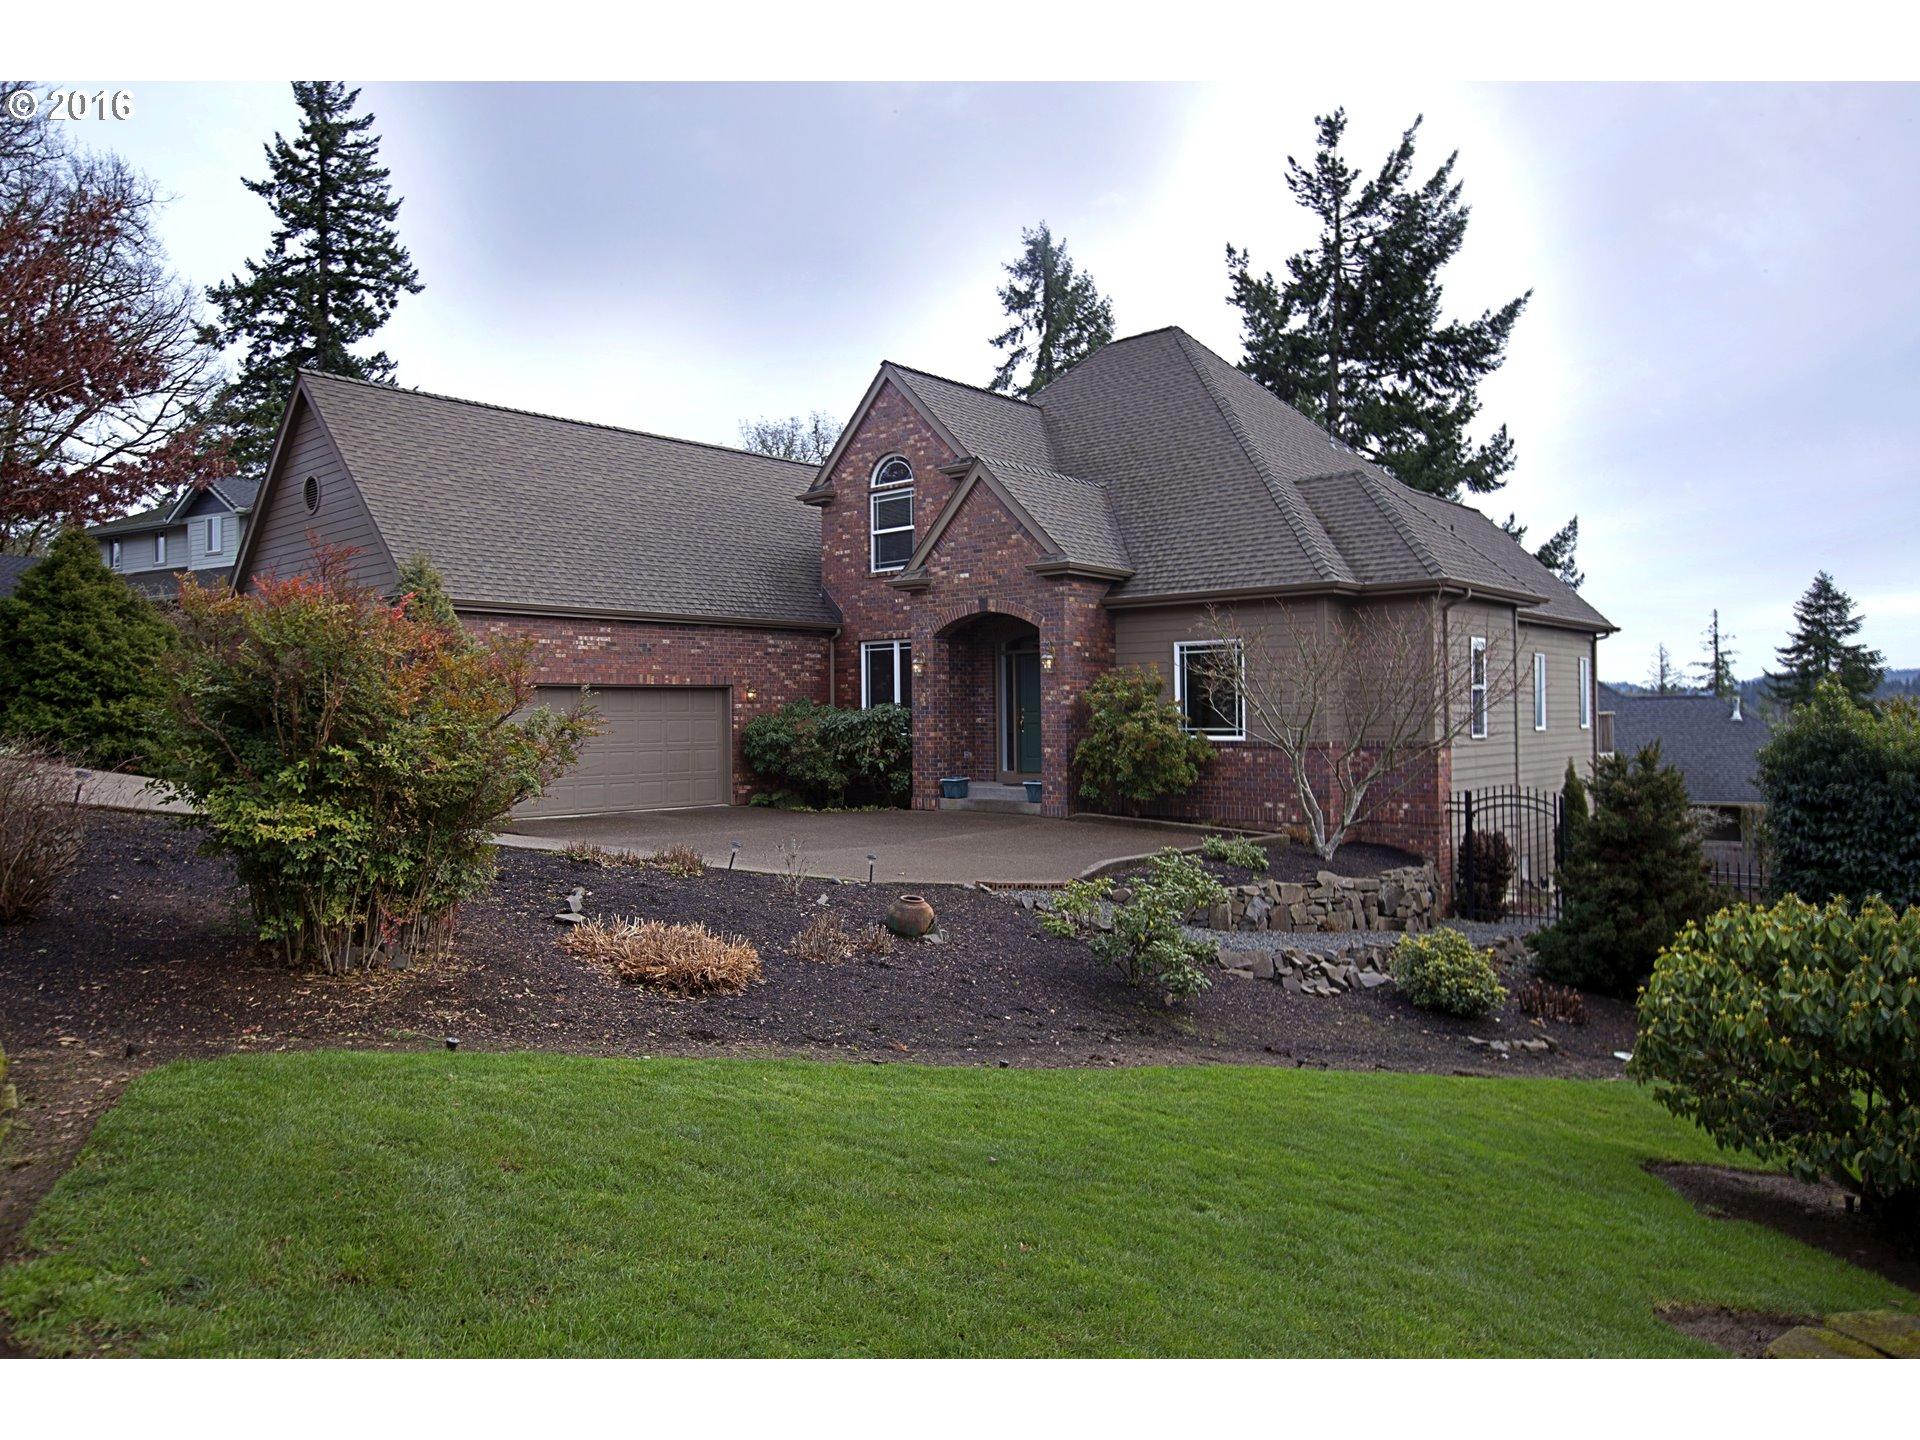 2540 Braewood Ln, Eugene, OR